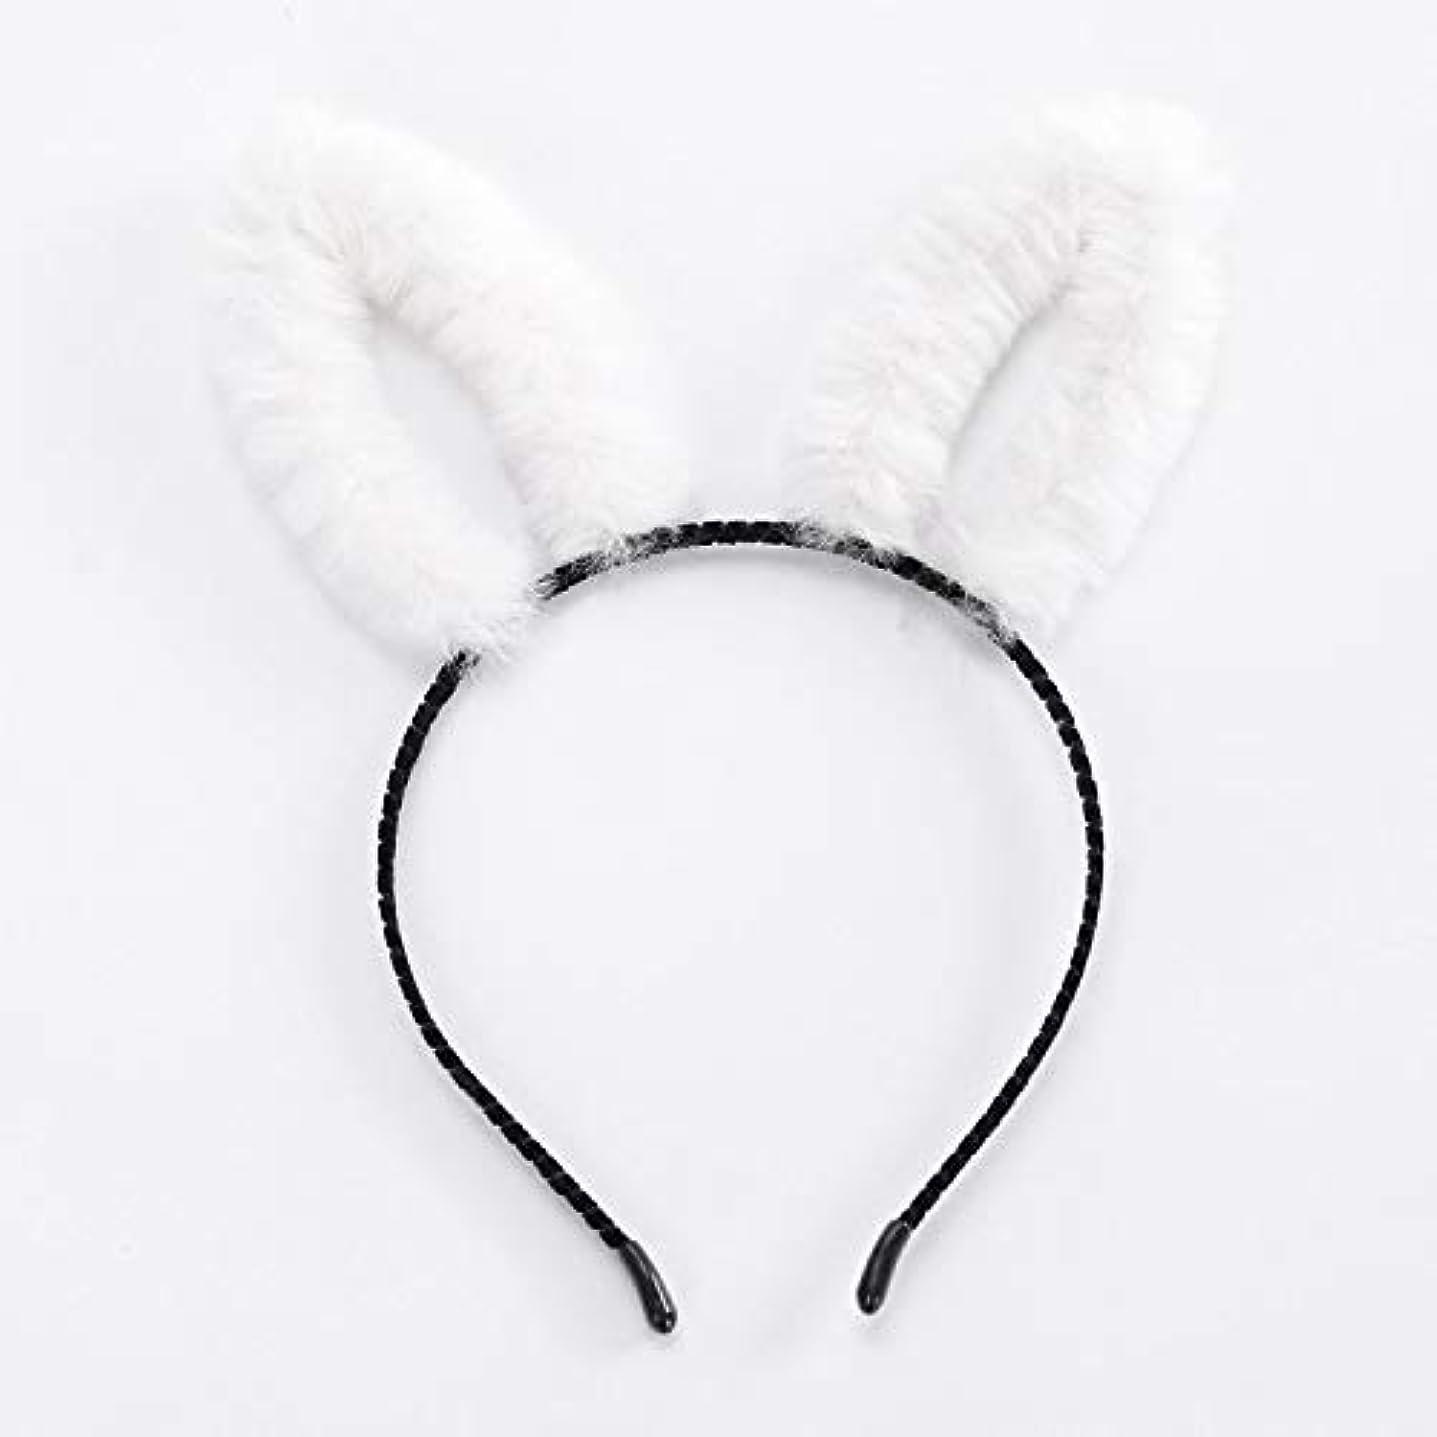 ウイルス思慮のないレンダーChaopeng 豪華な長いウサギの耳カチューシャパーティーパーティーカチューシャ